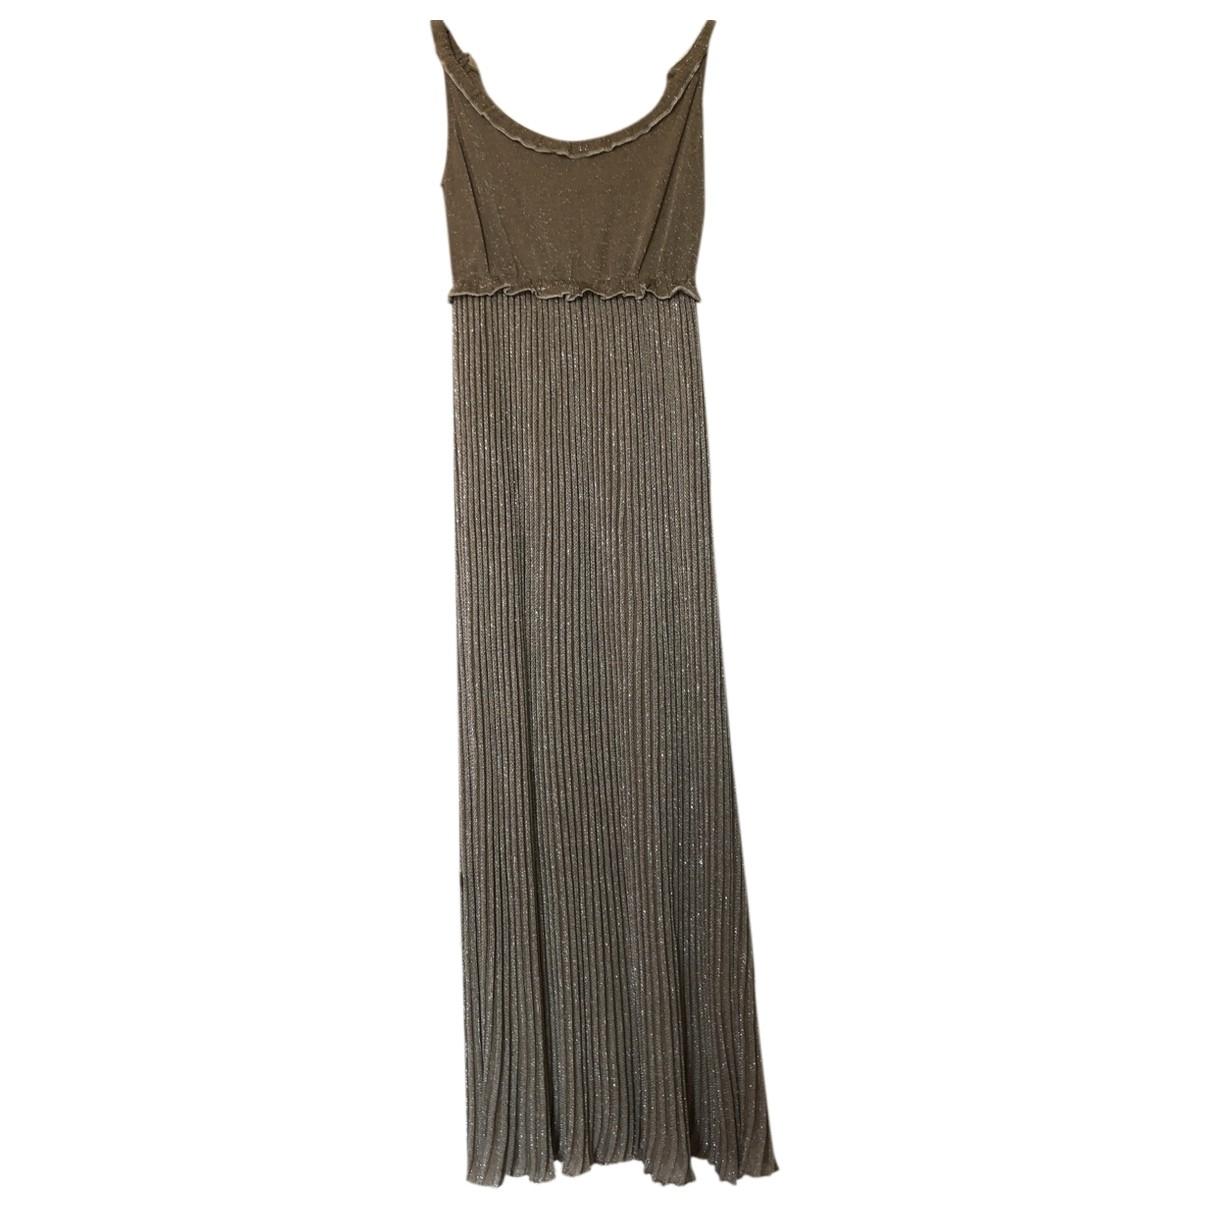 M Missoni \N Gold dress for Women 38 FR